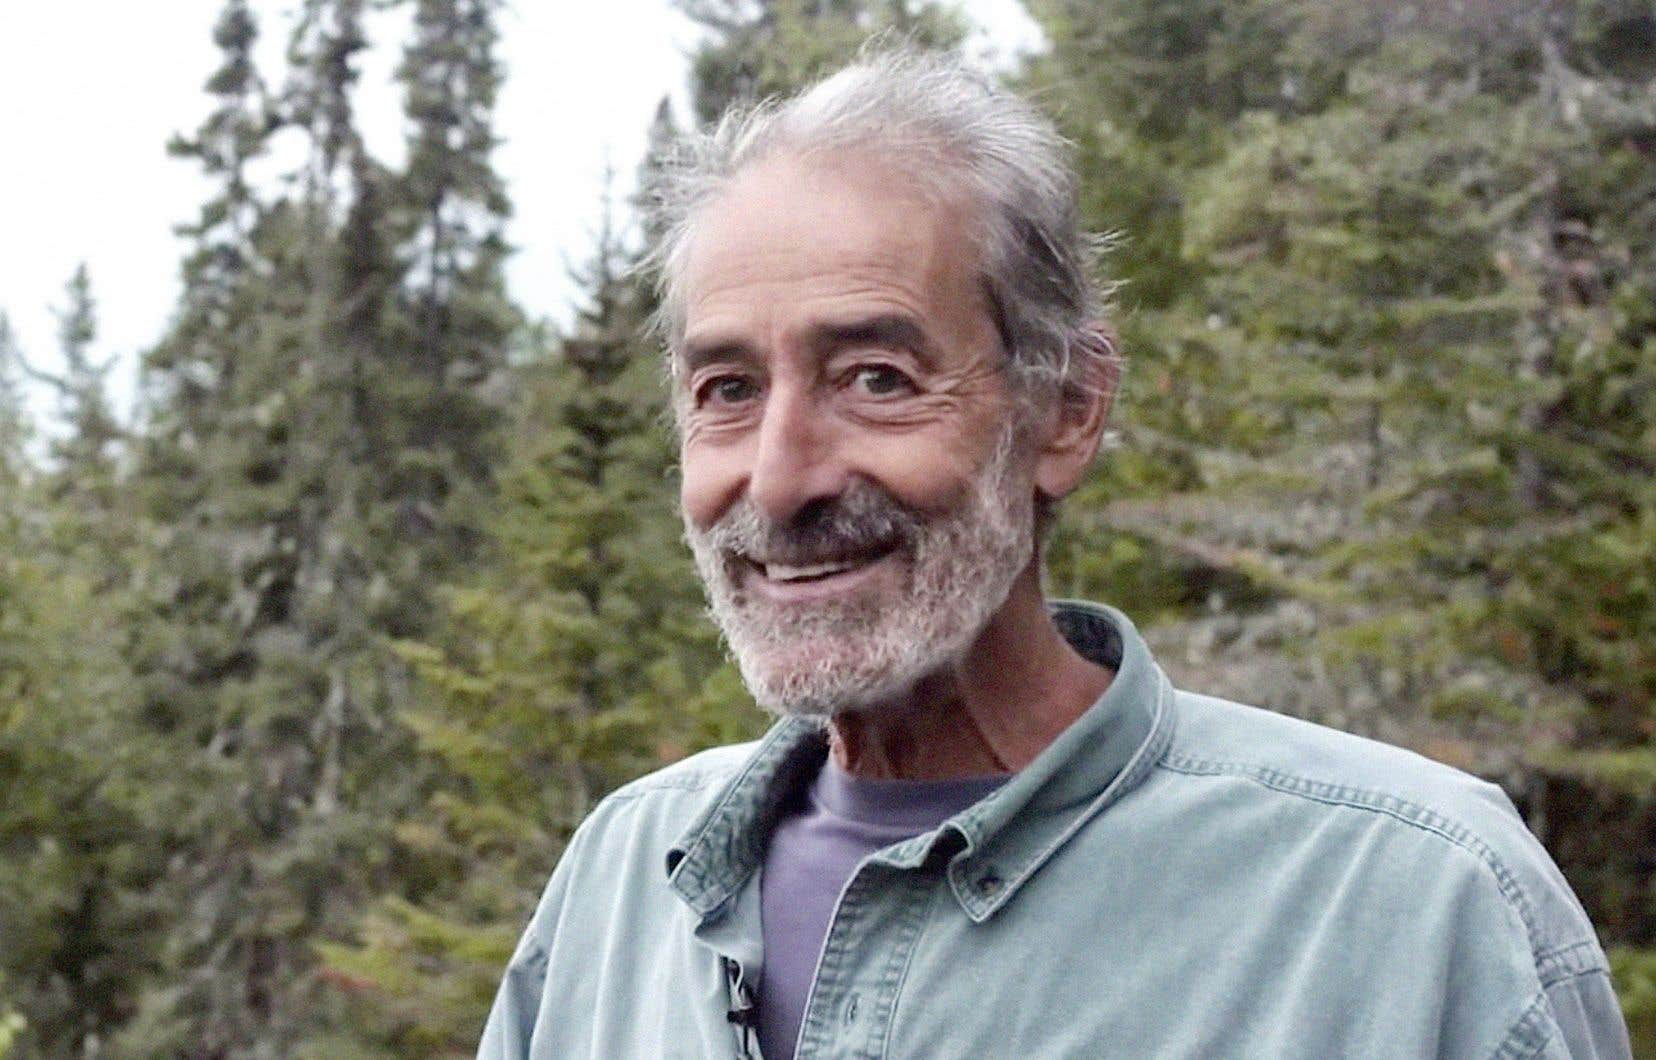 José Médiavilla est un enseignant à la retraite originaire de l'Espagne. Il est arrivé en Abitibi-Témiscamingue en août 1969 et il est maintant ouvreur de sentiers.